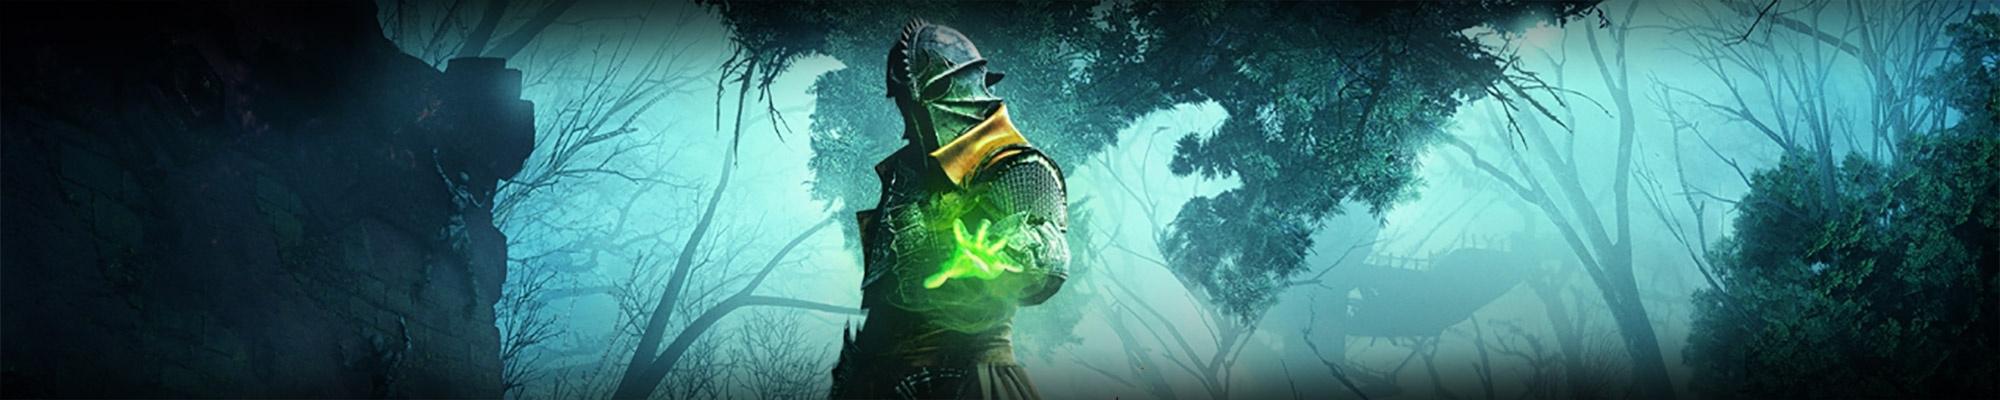 《龍騰世紀:審判》新DLC將首先登陸X1/PC